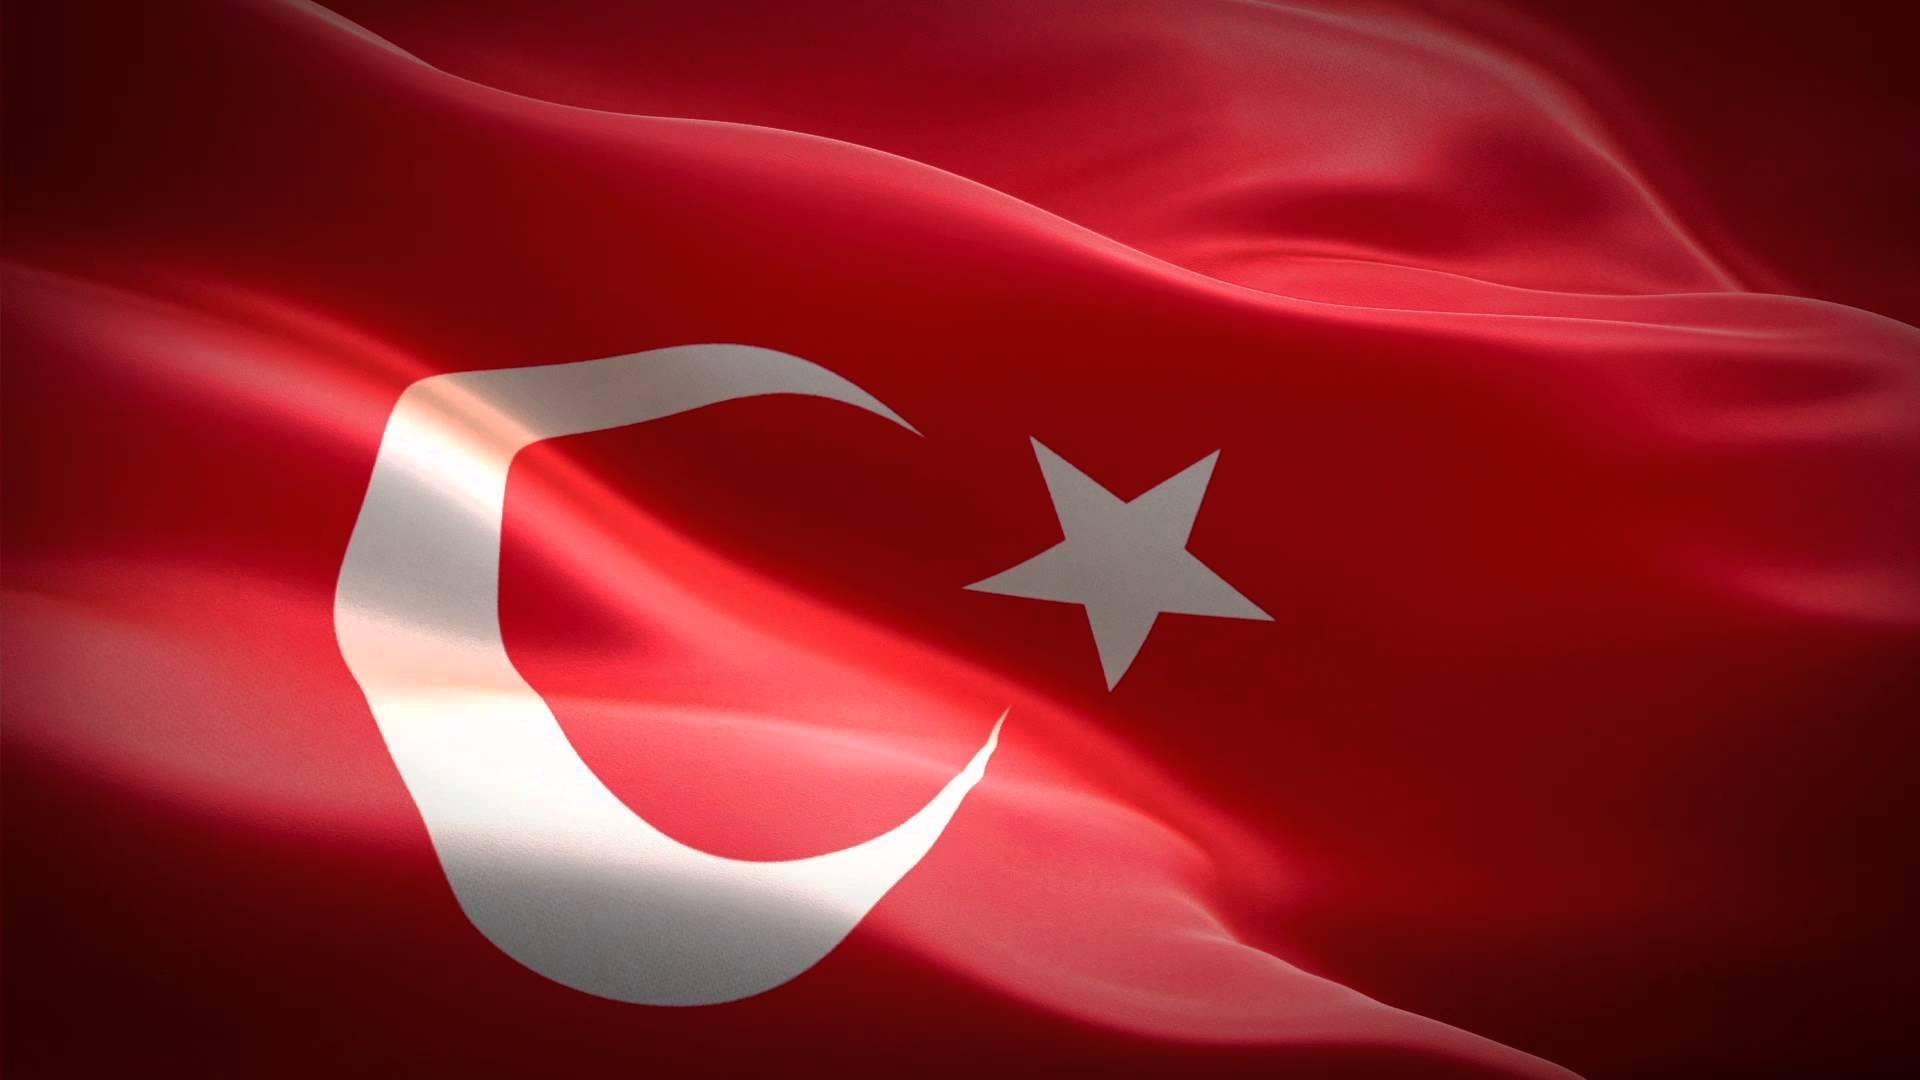 Türkiye'de Askeri Darbe Girişimini Şiddetle Kınıyoruz